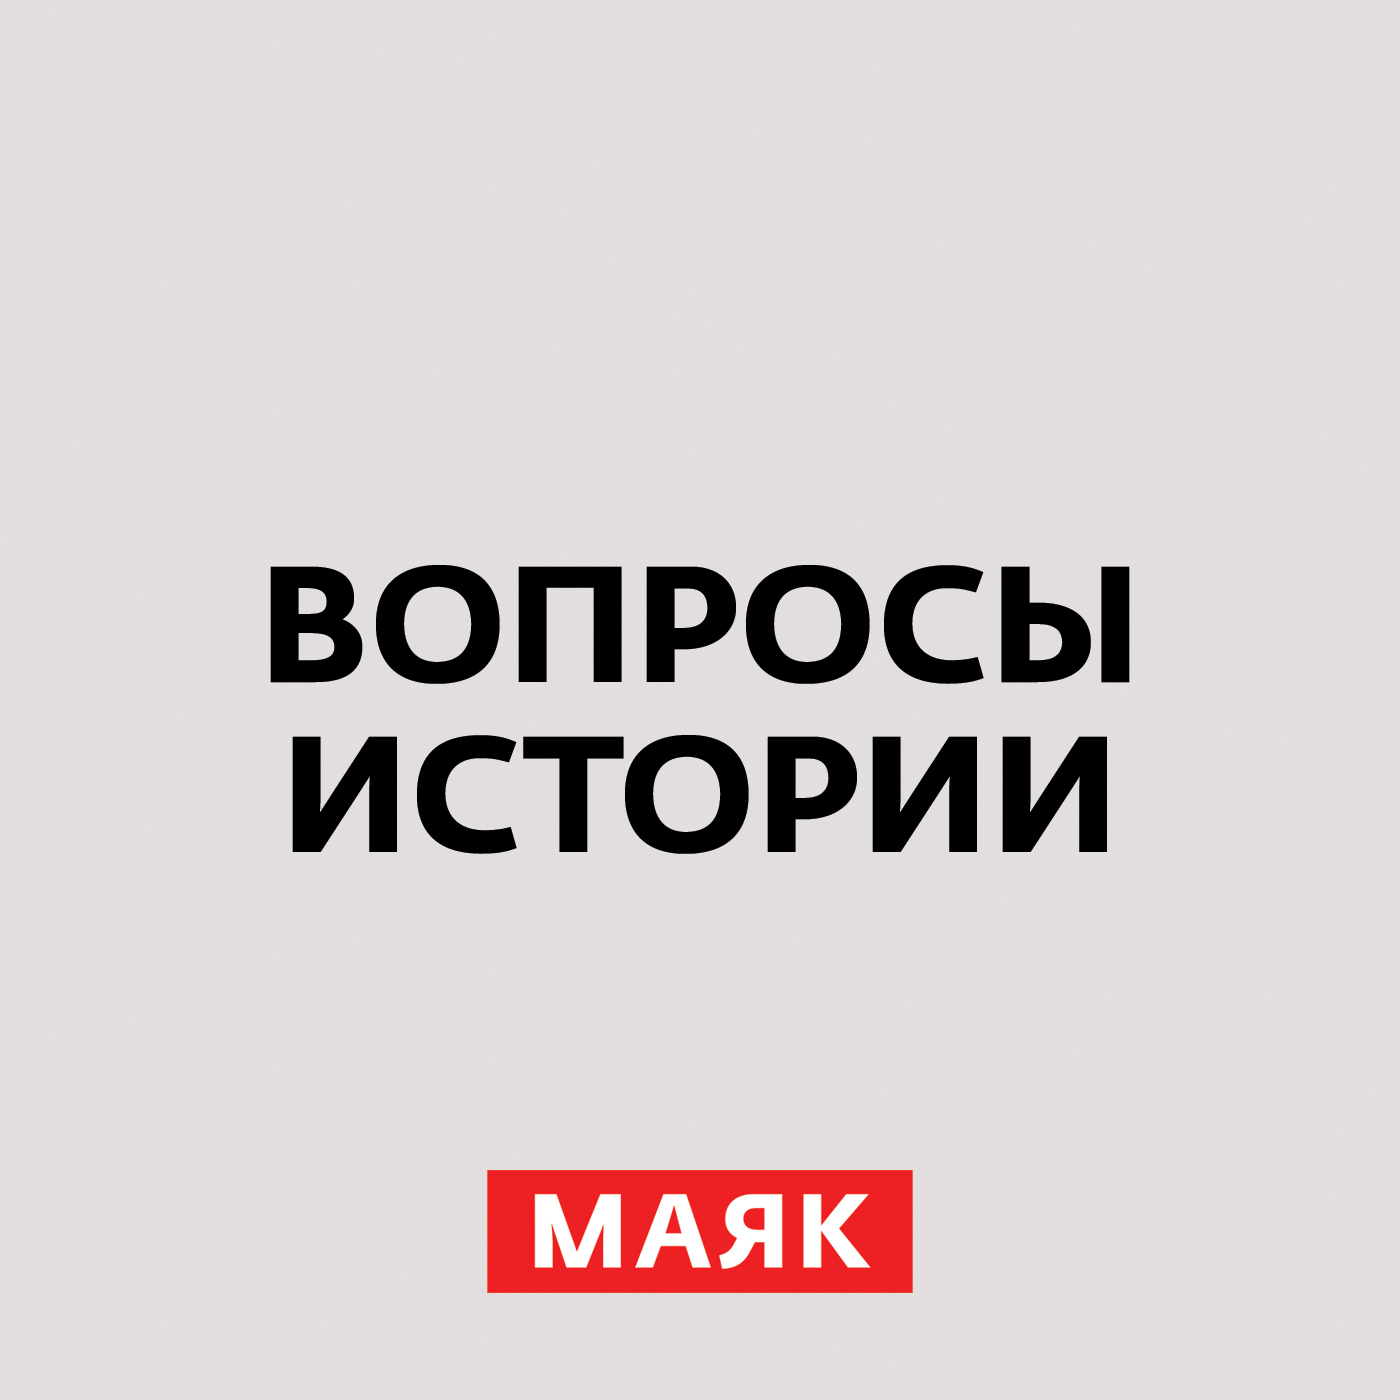 Андрей Светенко Первые экономические преобразования большевиков андрей светенко а финансы поют романсы экономическая политика большевиков